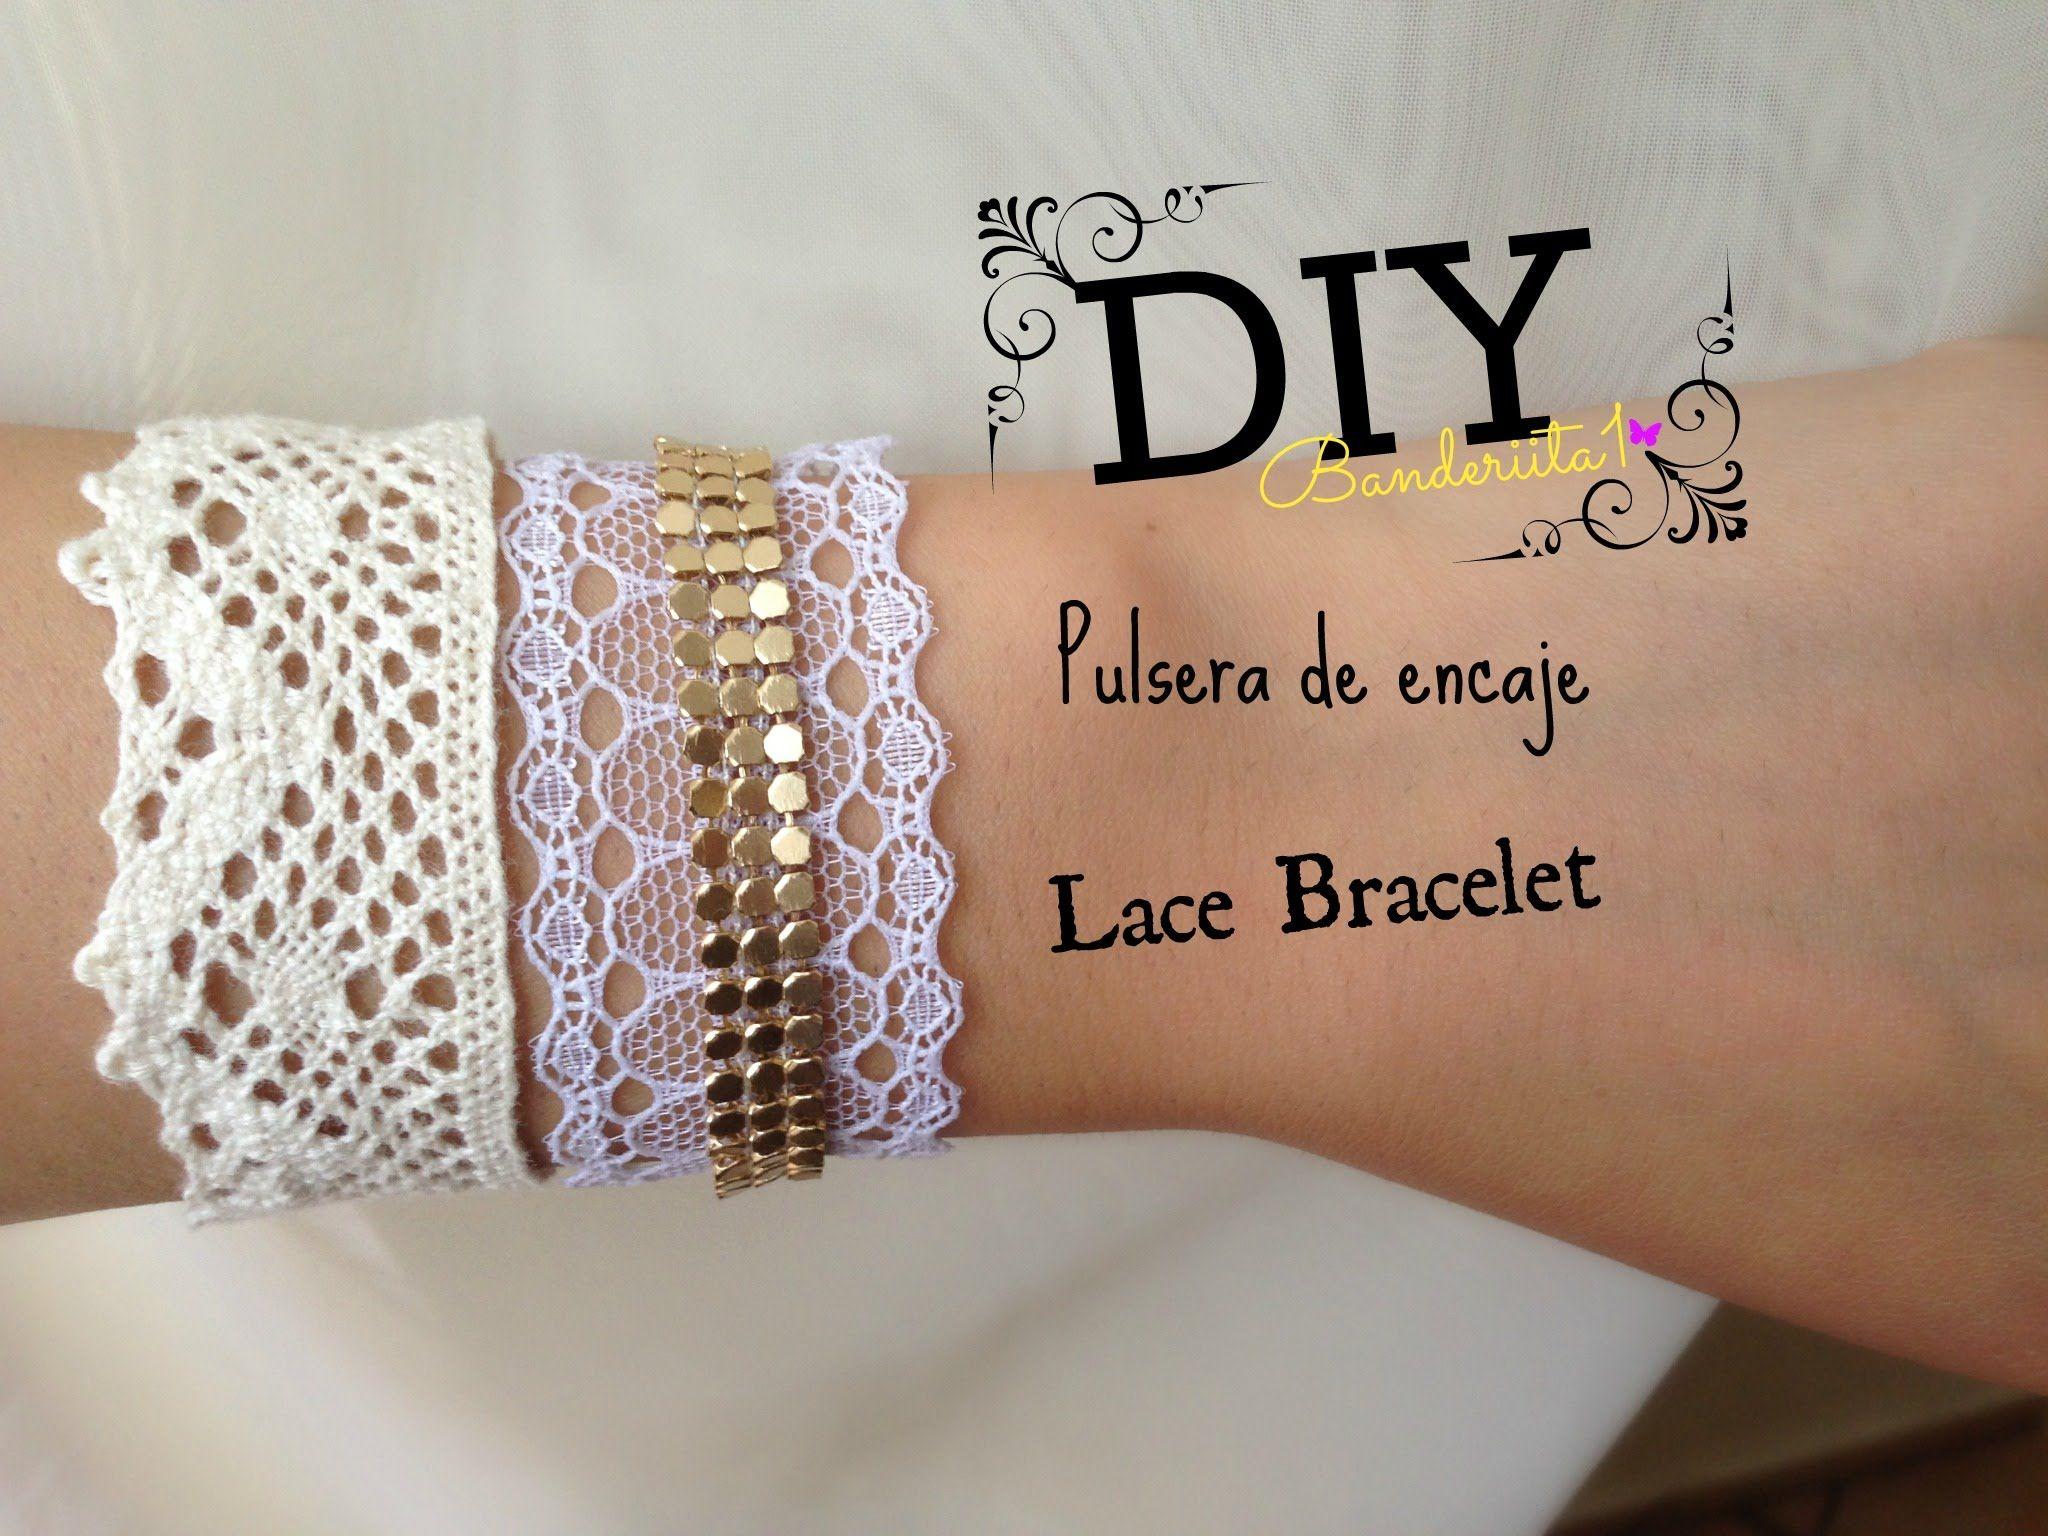 Diy Pulsera De Encaje Lace Bracelet Tutorial Youtube Lace Bracelet Bracelet Tutorial Bracelets